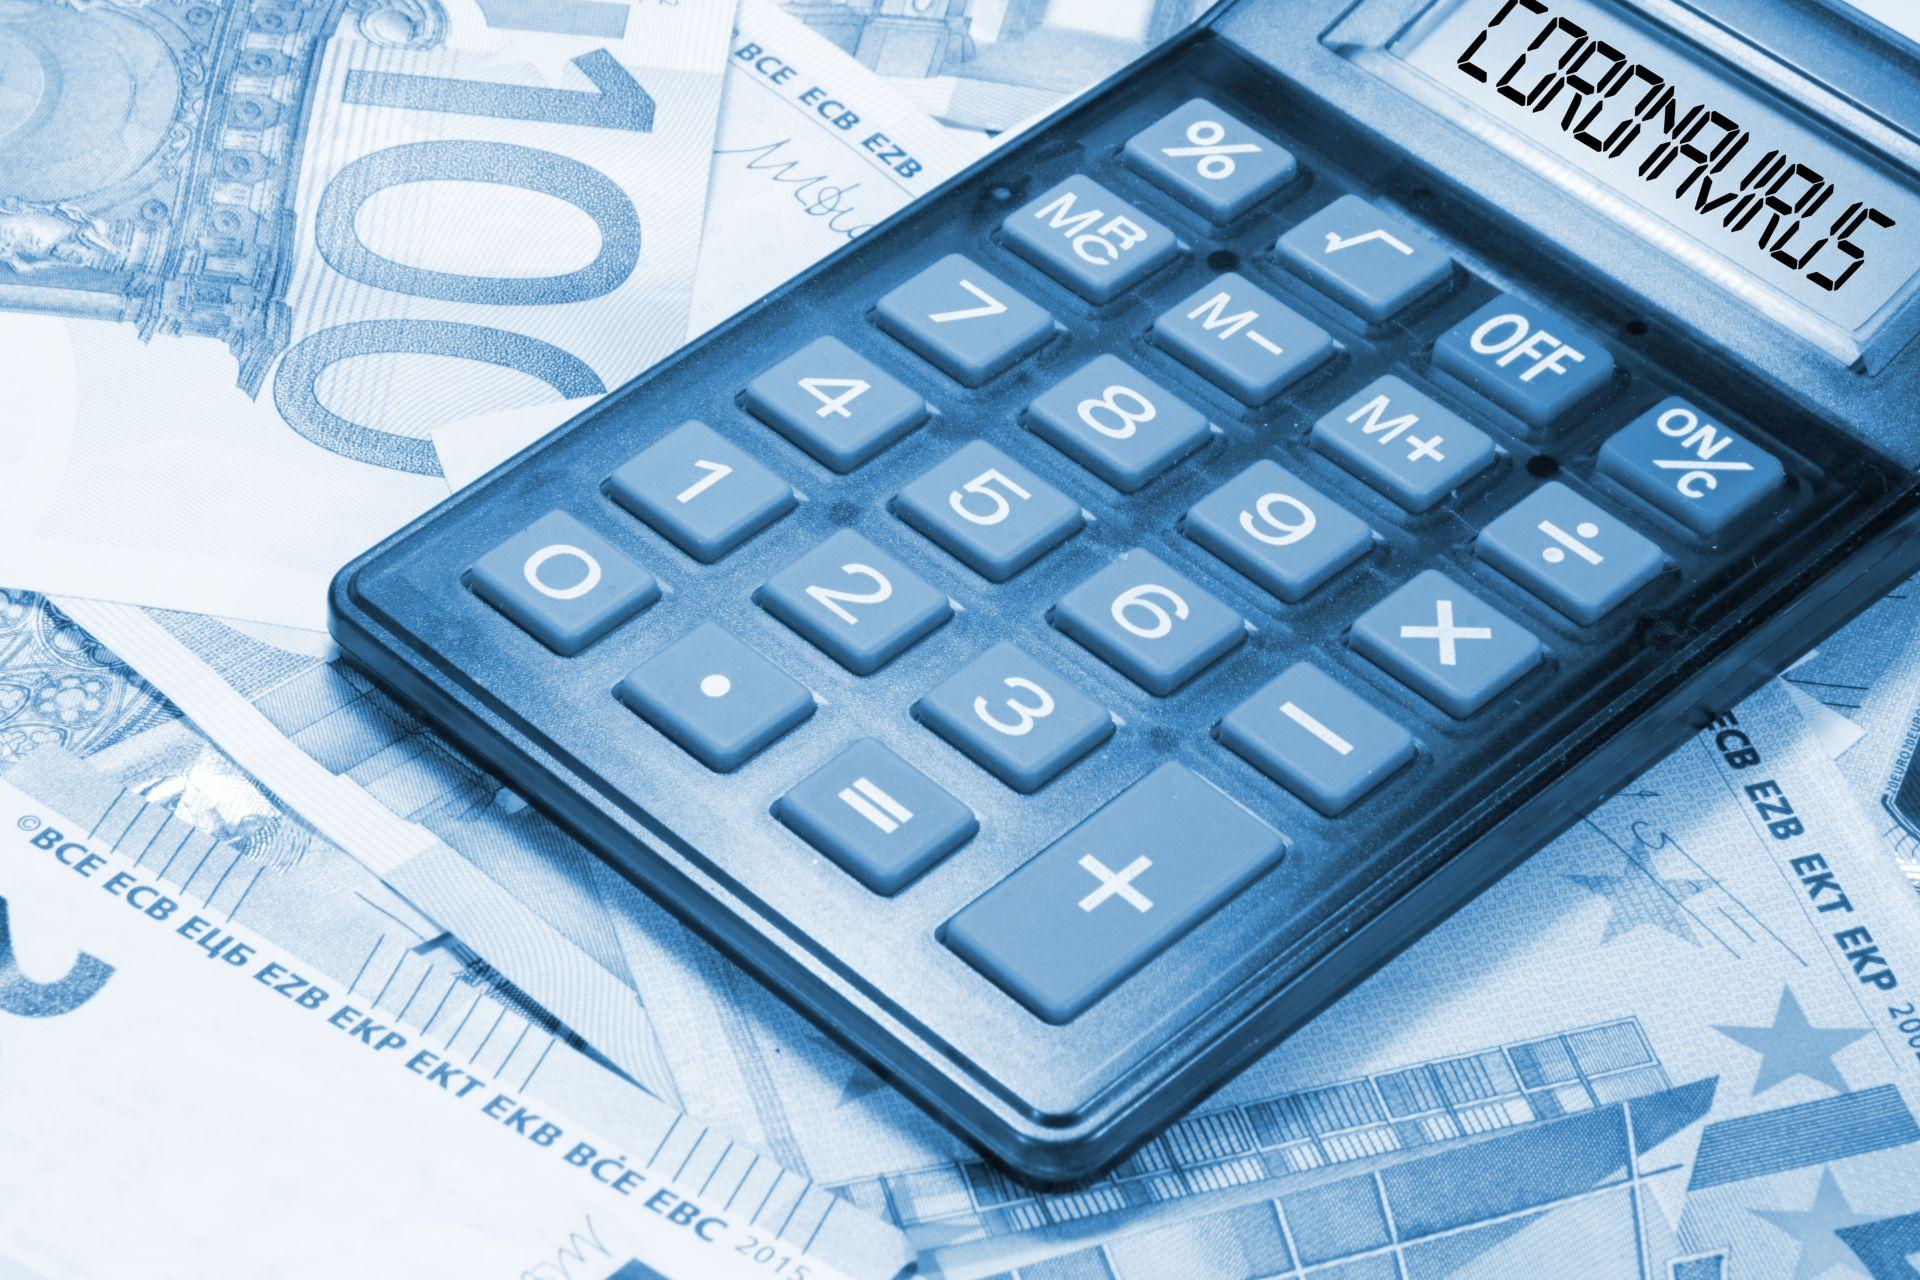 niebieski kalkulator z napisem koronawirus położony na banknotach